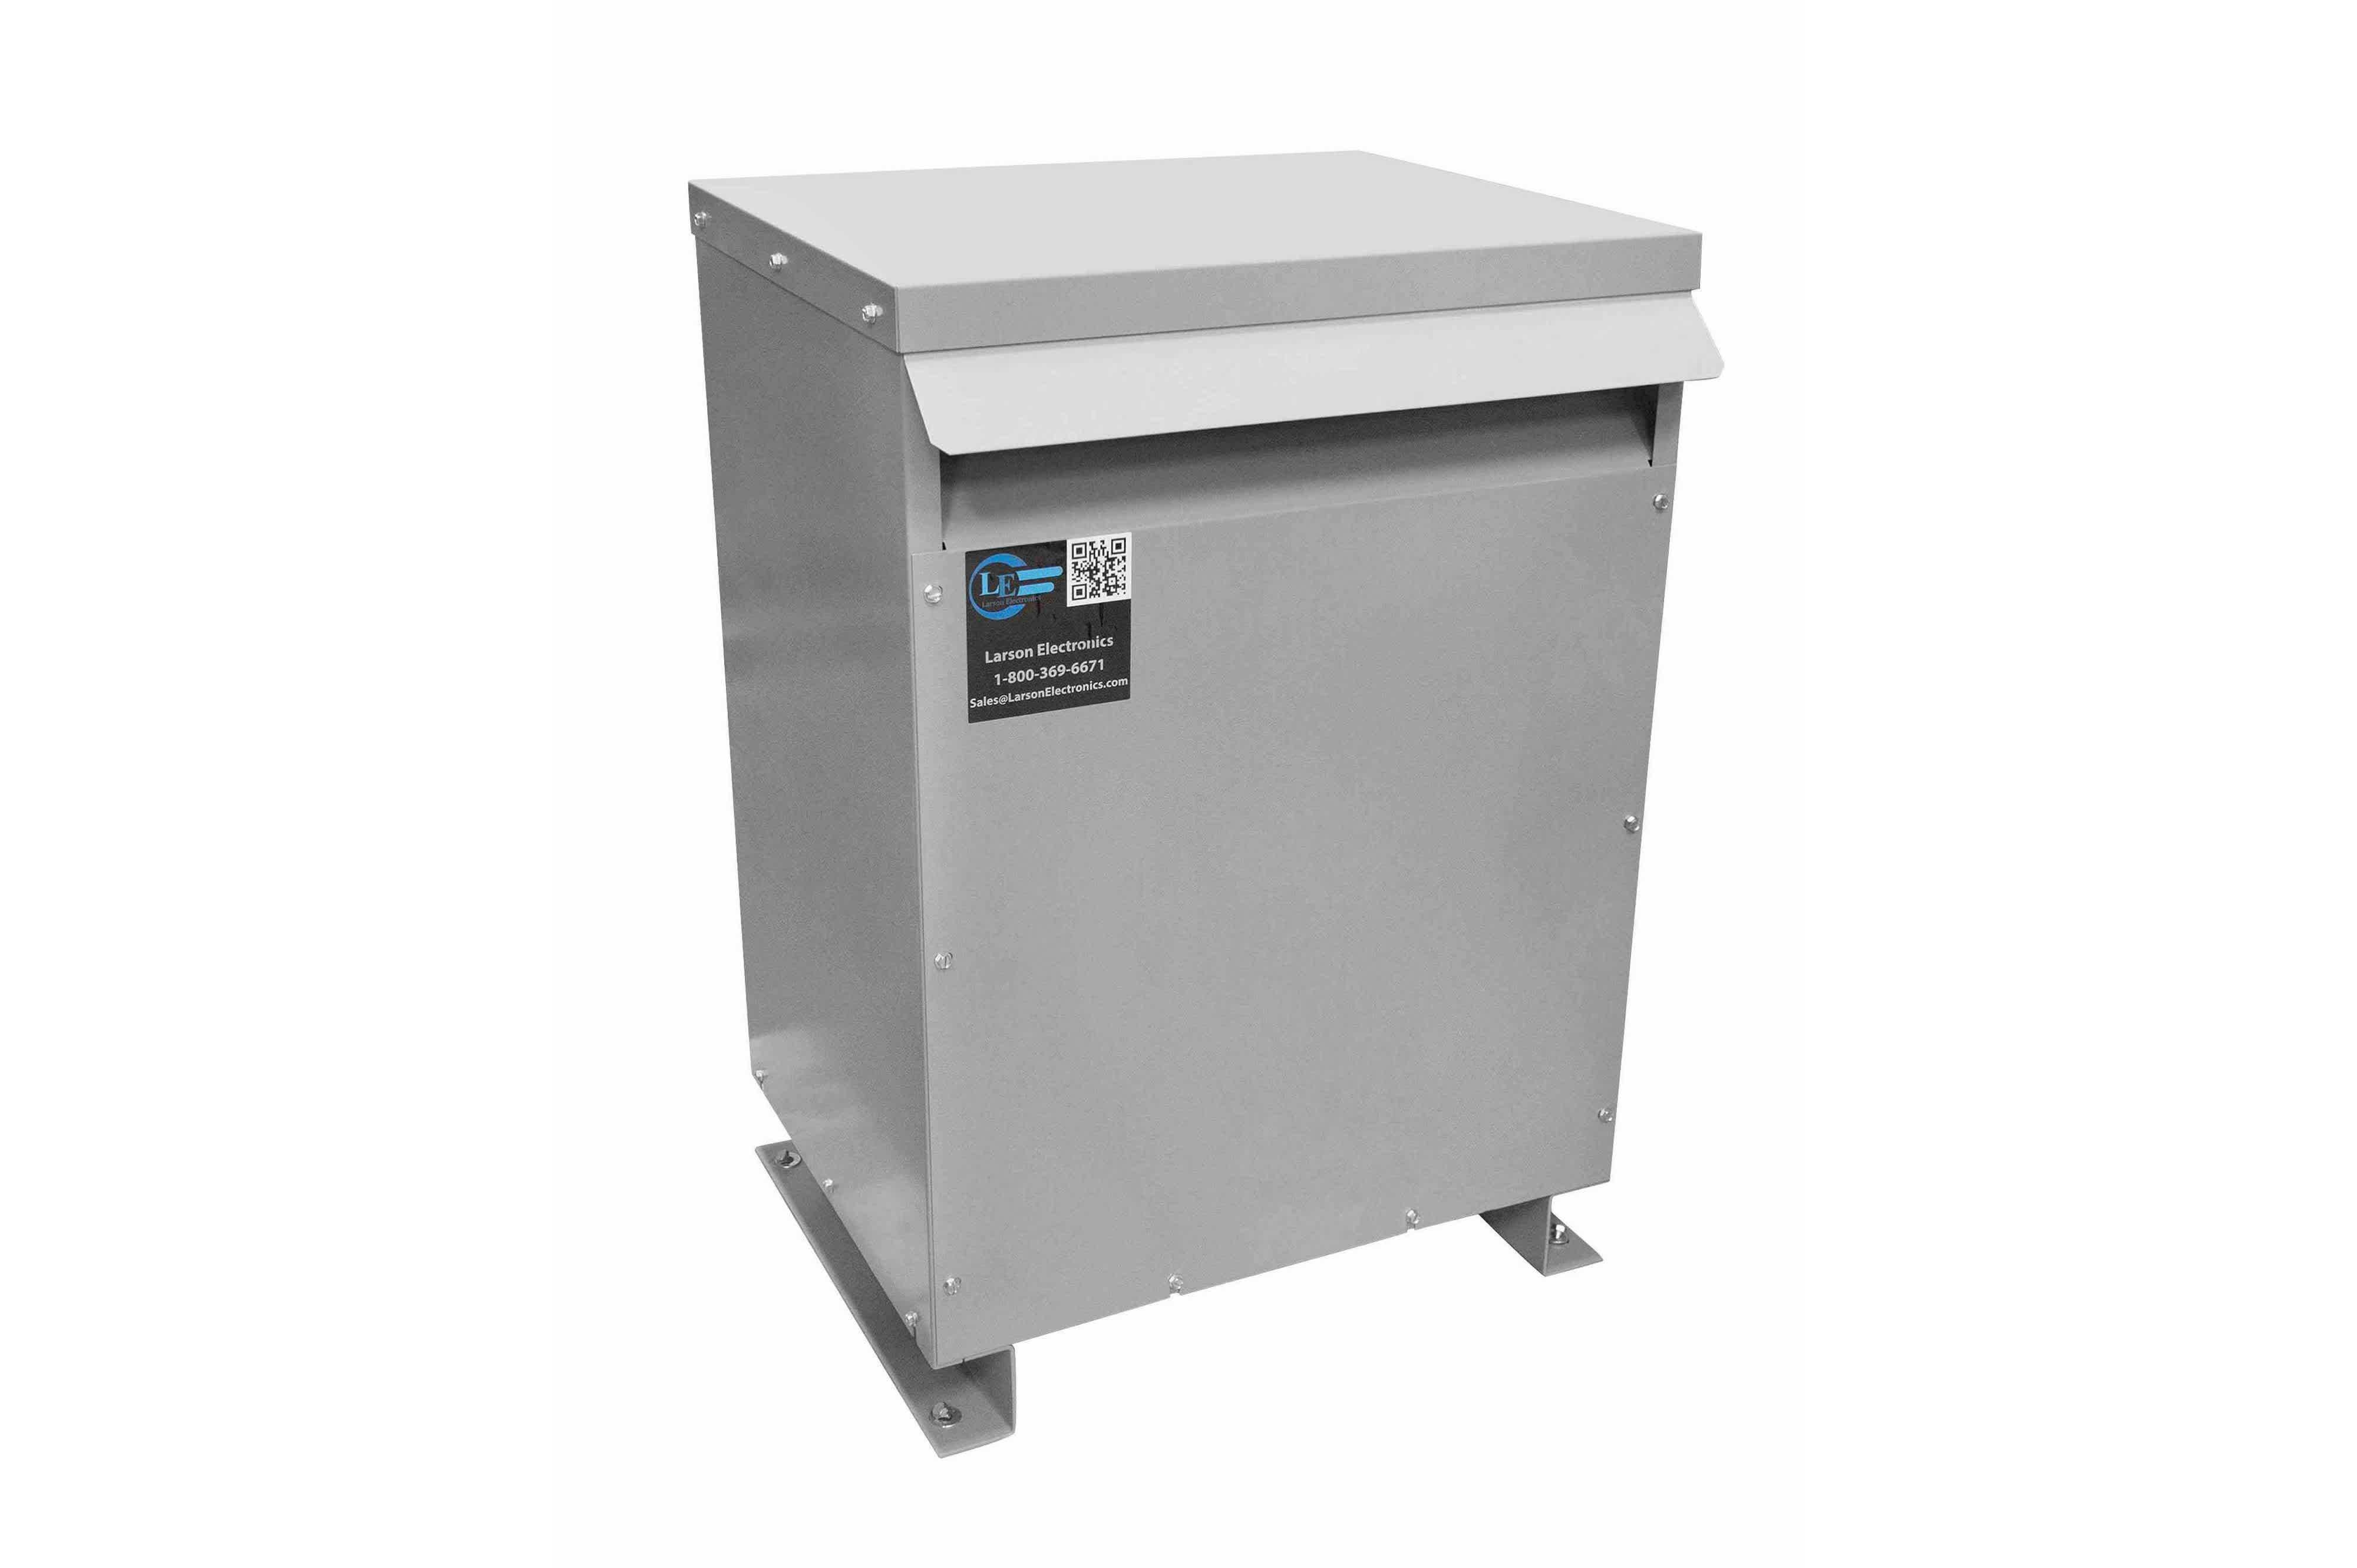 47.5 kVA 3PH Isolation Transformer, 575V Delta Primary, 415V Delta Secondary, N3R, Ventilated, 60 Hz